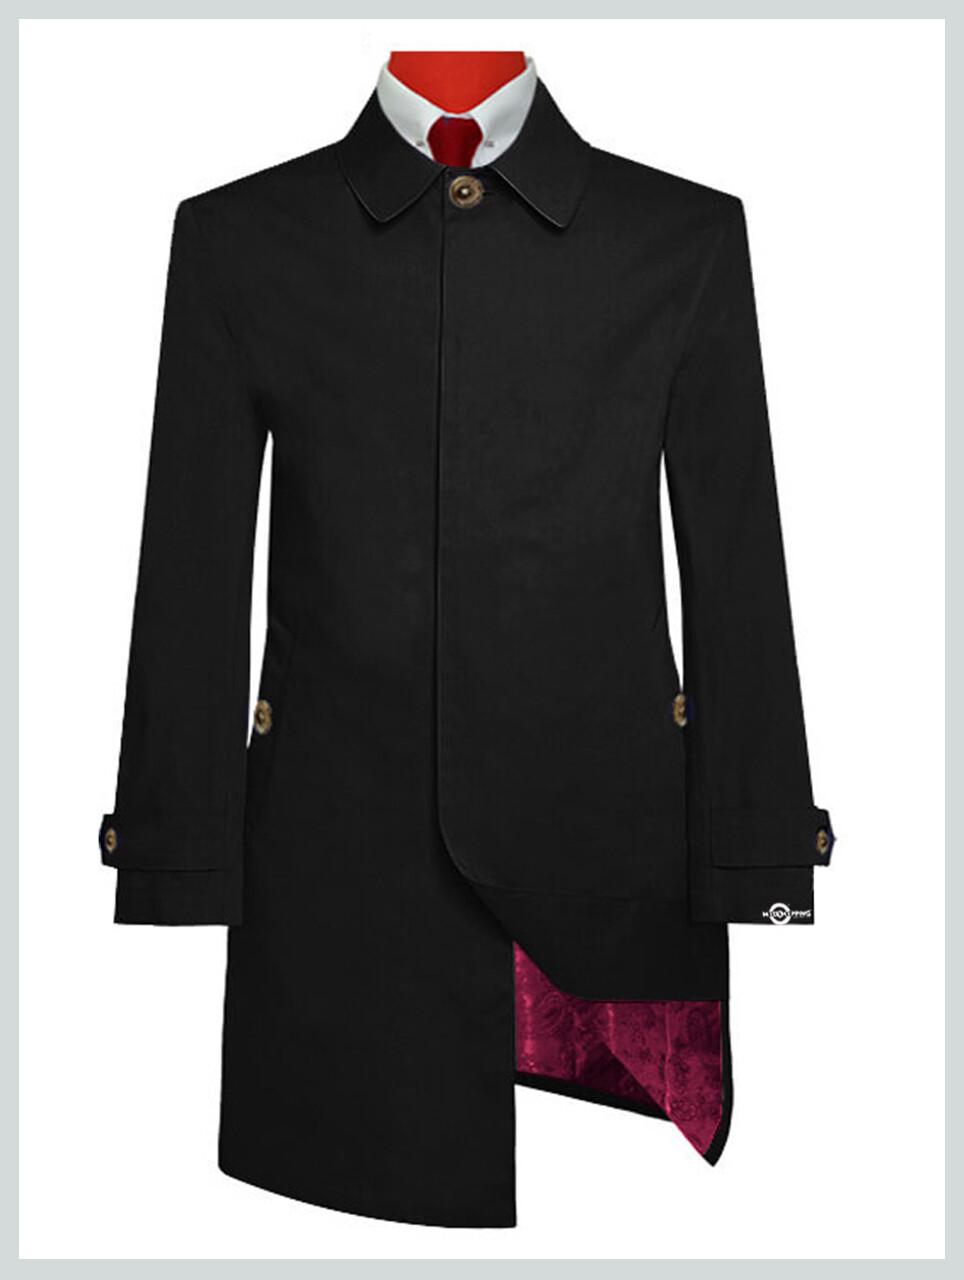 Black Mac Coat  60s Mod Clothing Original Black Mac Coat